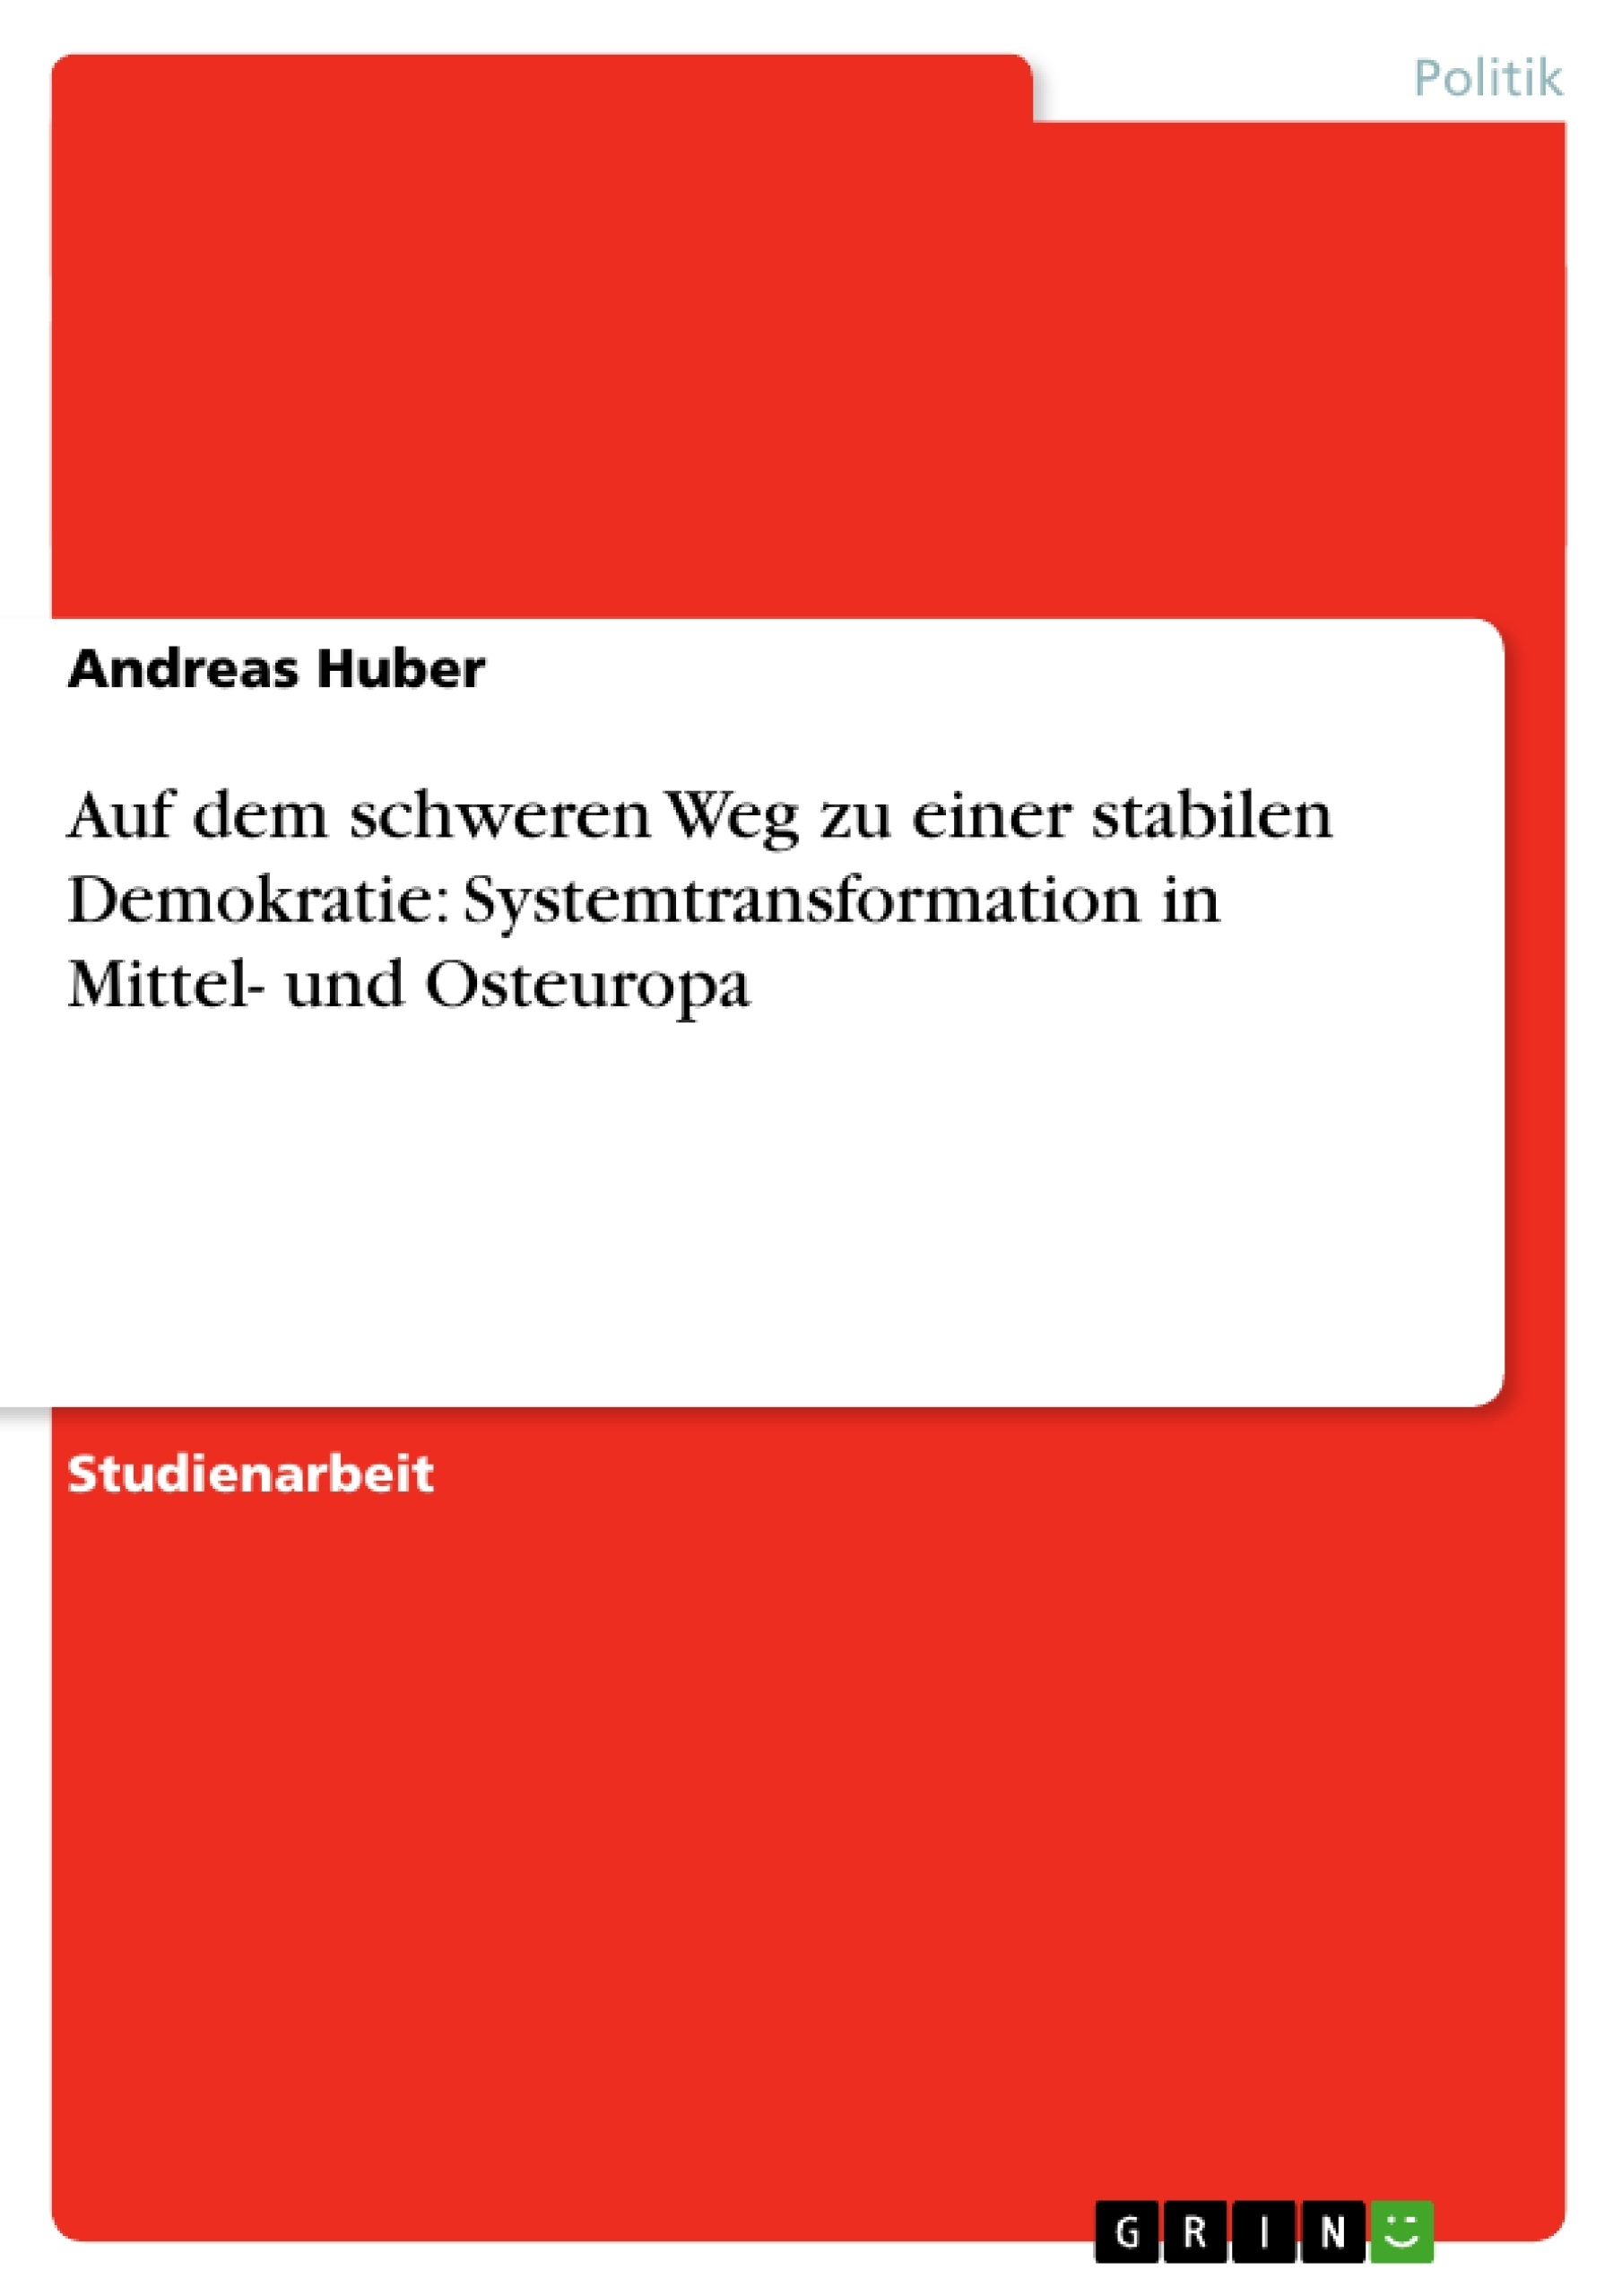 Titel: Auf dem schweren Weg zu einer stabilen Demokratie: Systemtransformation in Mittel- und Osteuropa